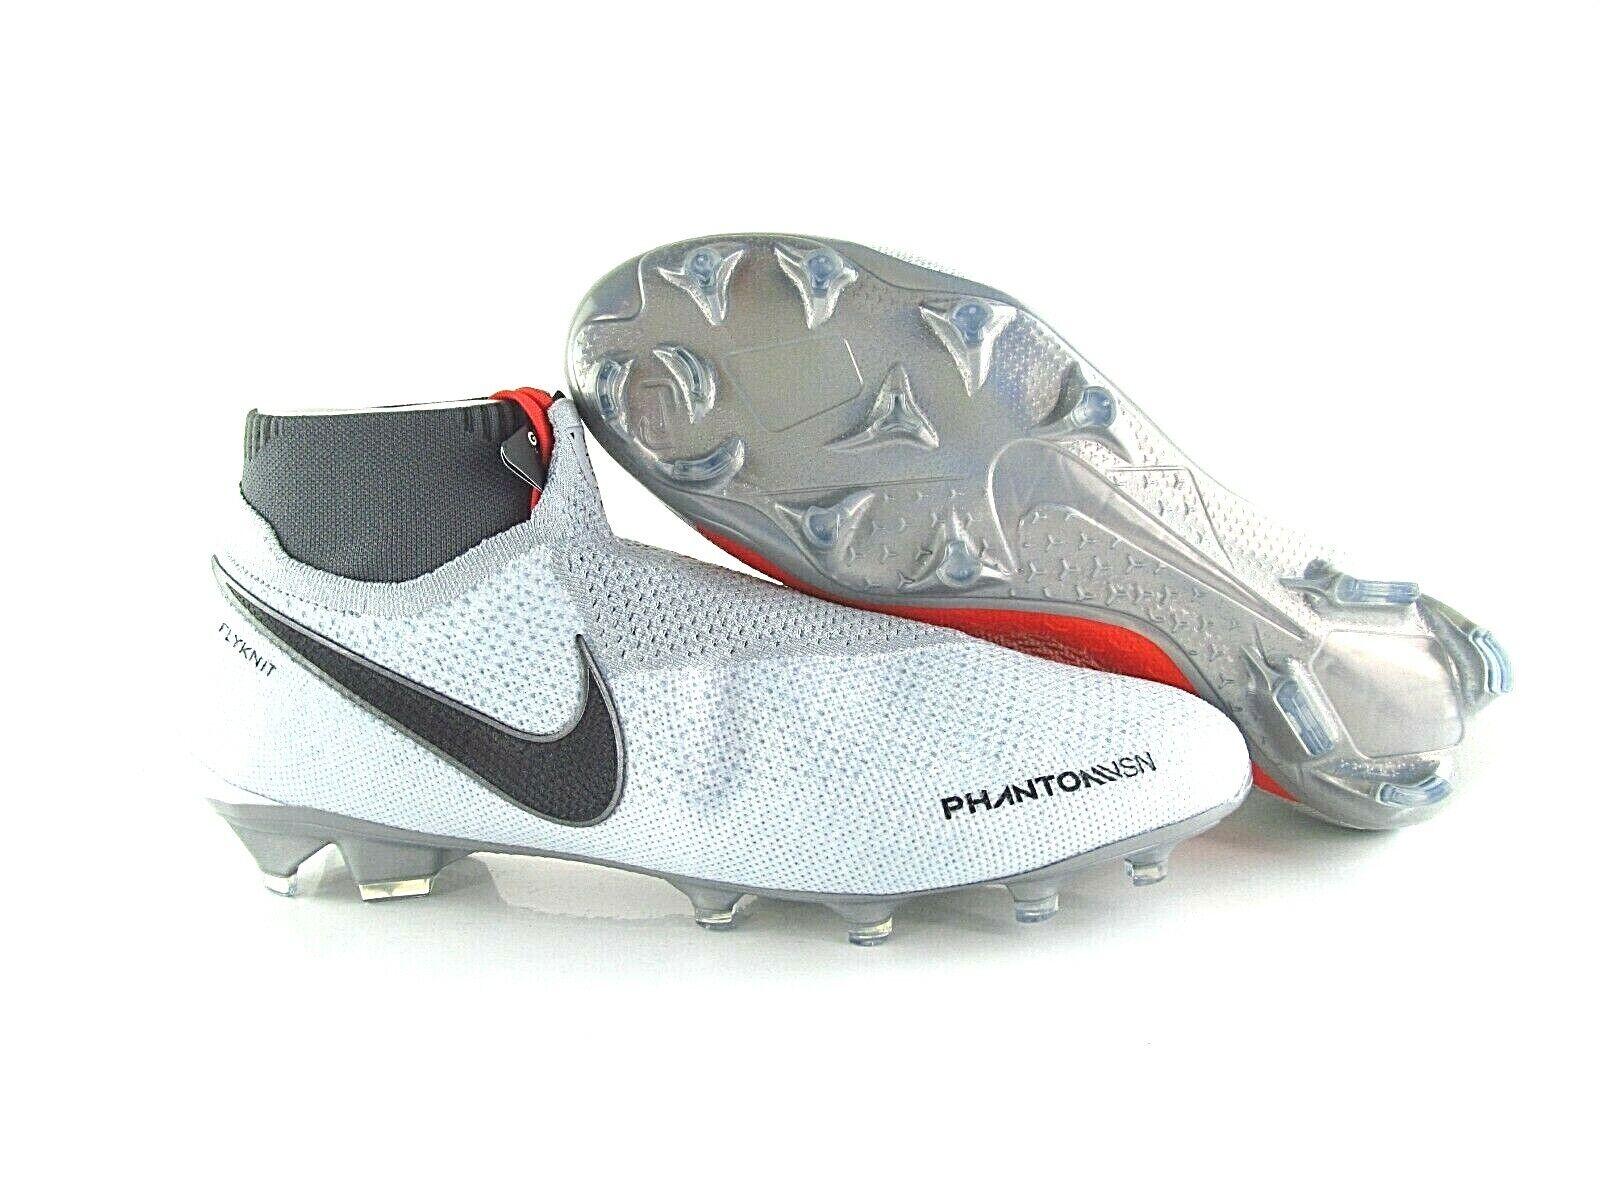 Elite VSN fantasma Nike DF FG gris rojo AO3262 060 US_13 Eur_47. 5